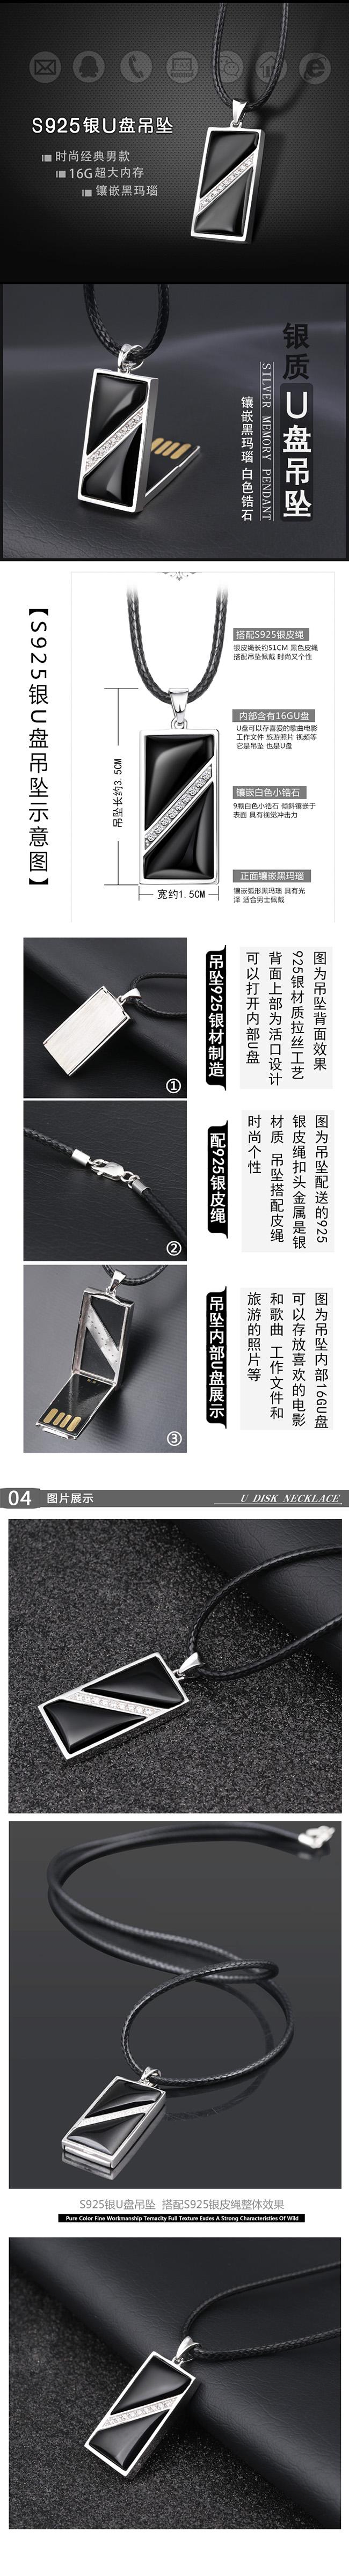 黑色水晶u盘定制厂家